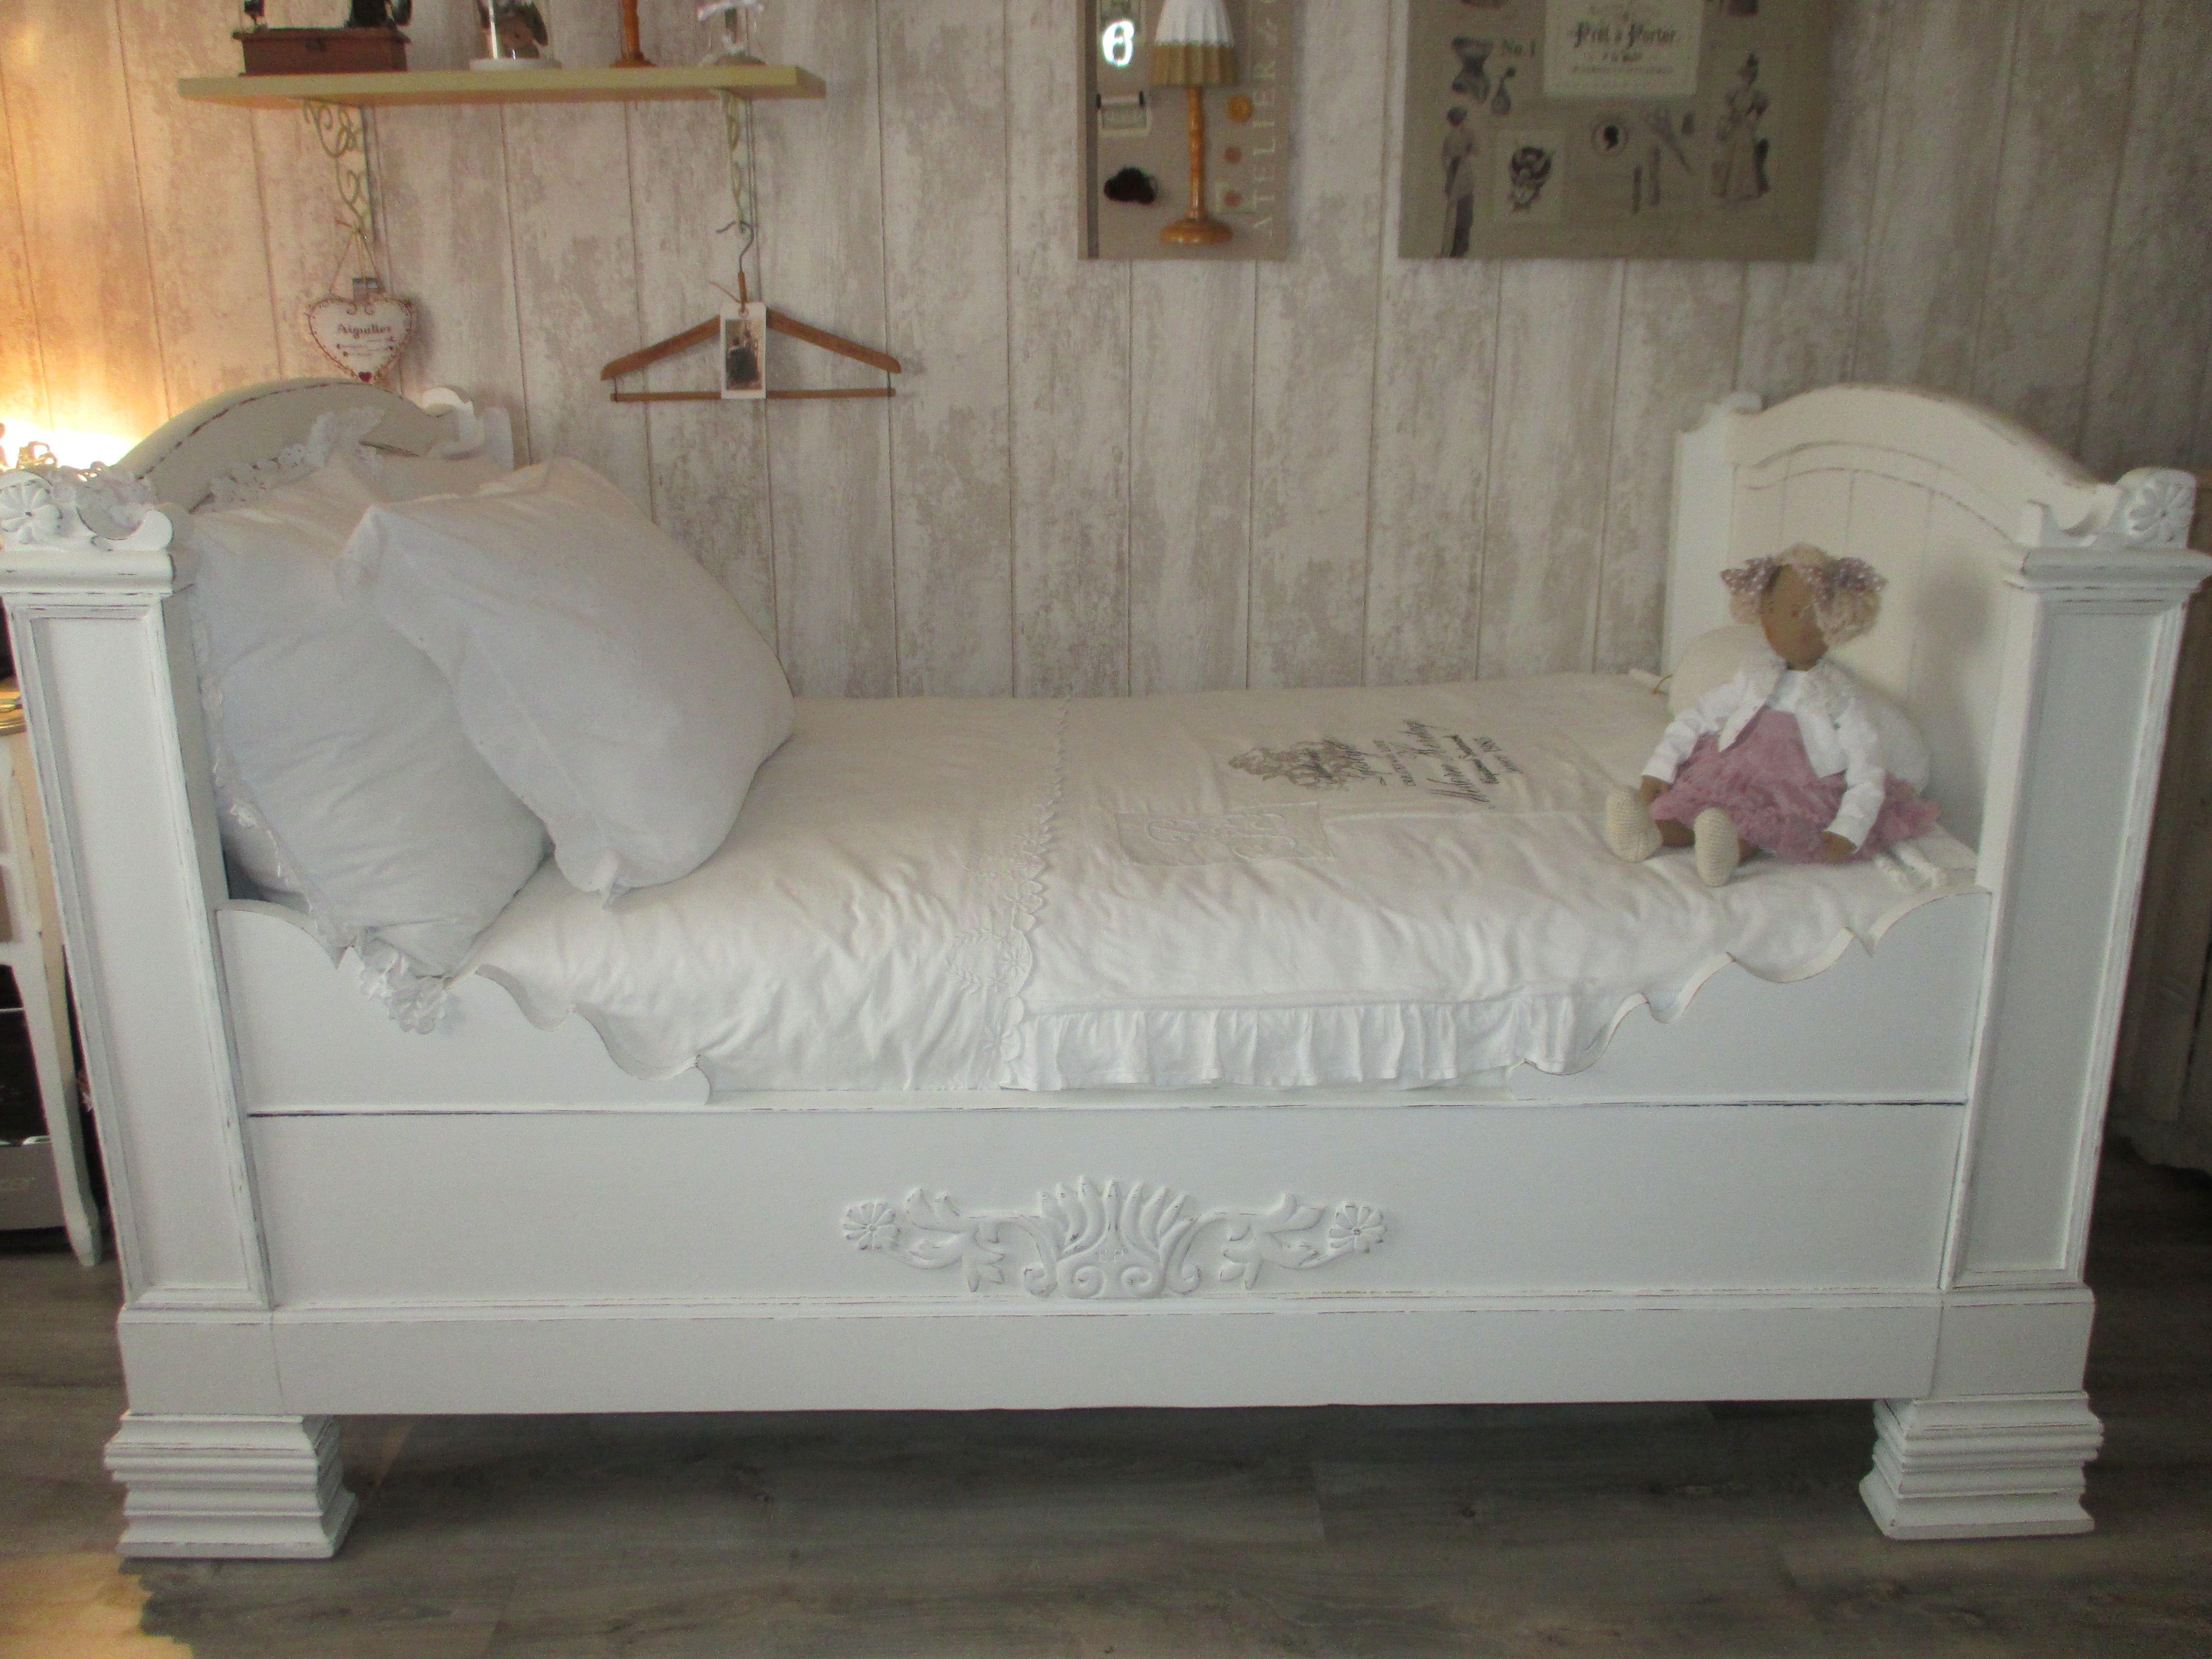 lit ancien peint linge de lit ancien ambiance shabby pinterest lits anciens linge de lit. Black Bedroom Furniture Sets. Home Design Ideas